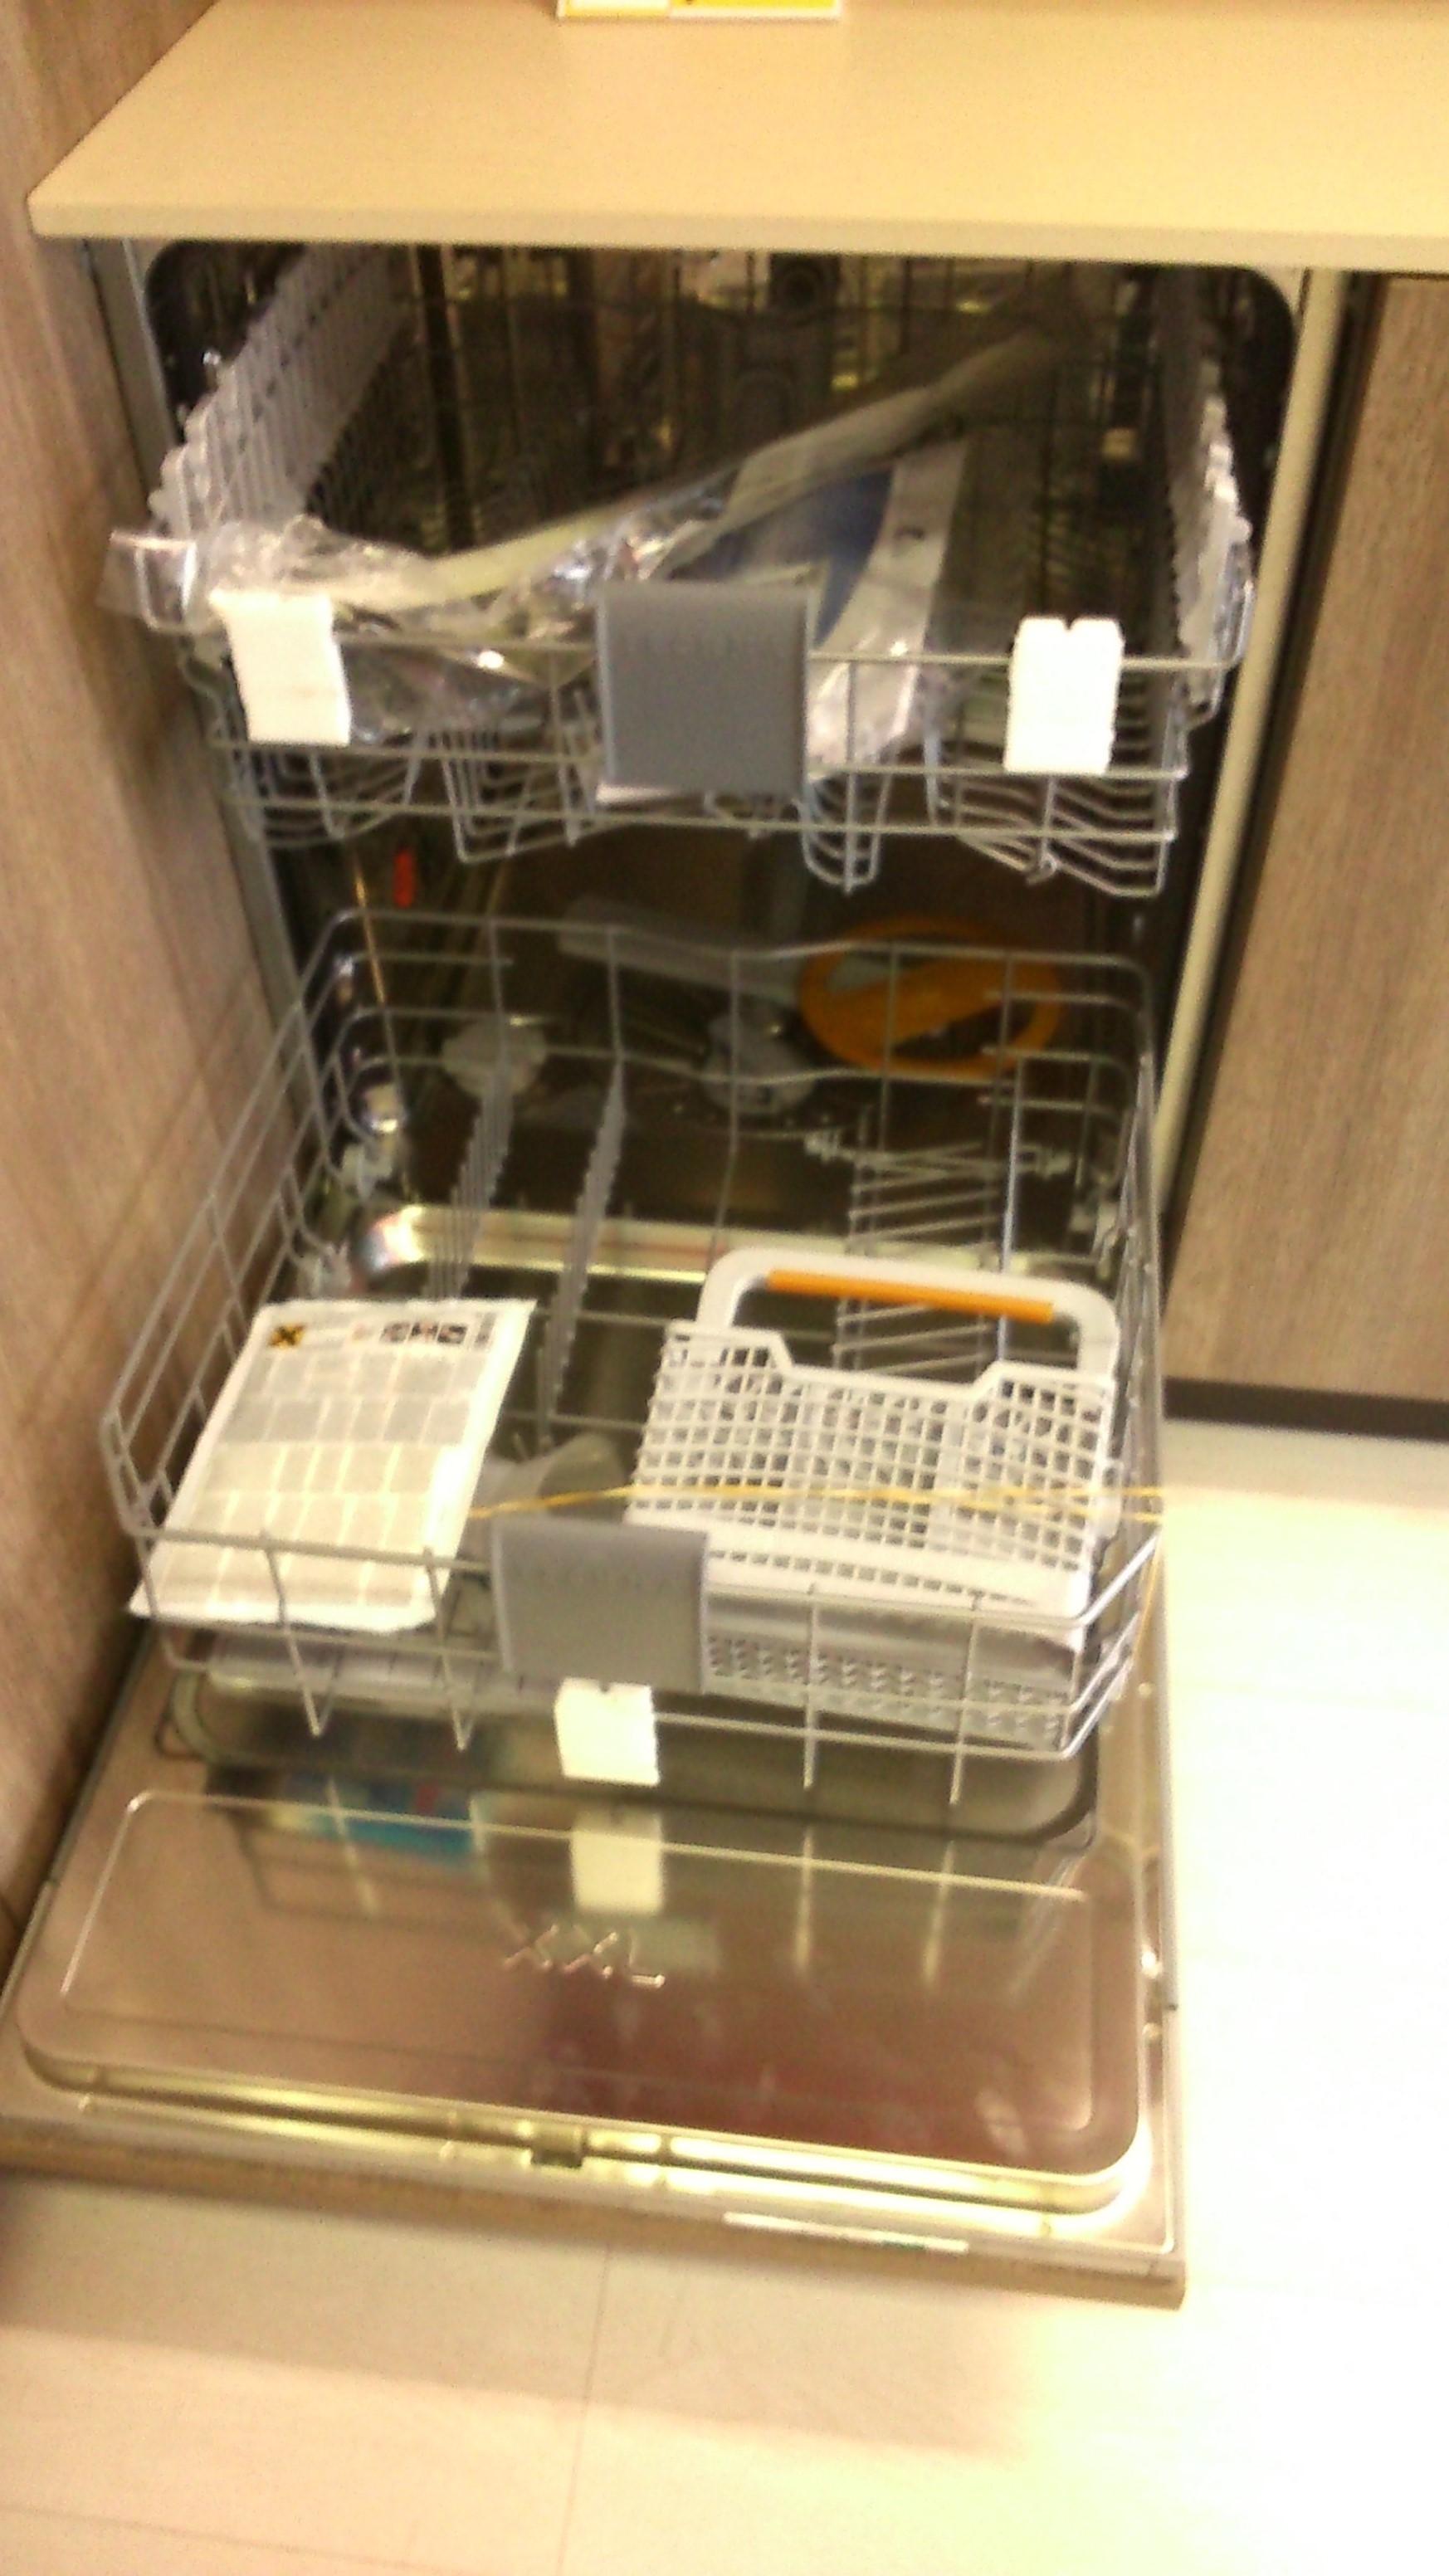 Lavastoviglie techna green tt802 elettrodomestici a prezzi scontati - Porta per lavastoviglie da incasso ...